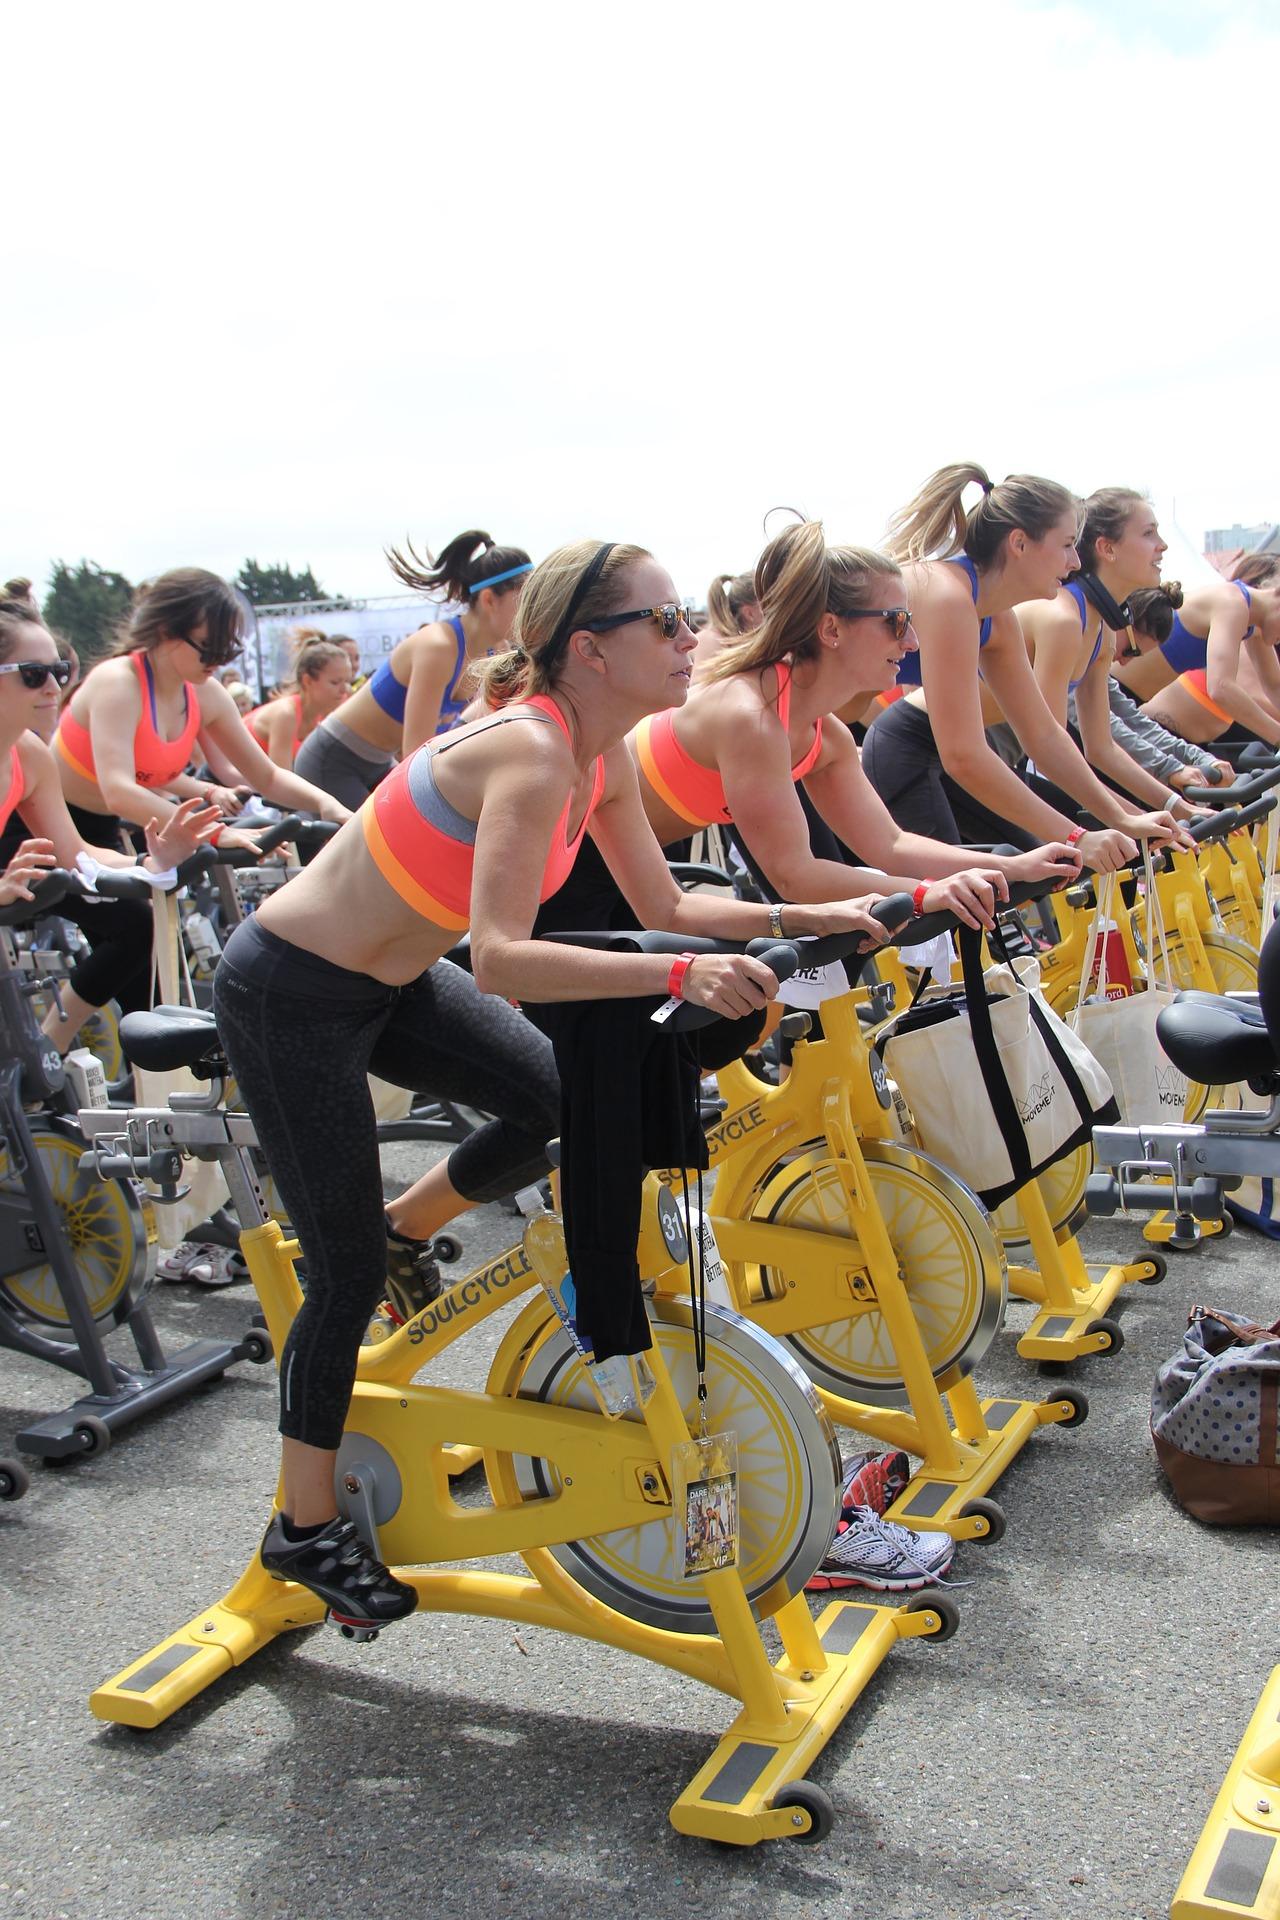 Kurs z fitness pump – kiedy warto skończyć?